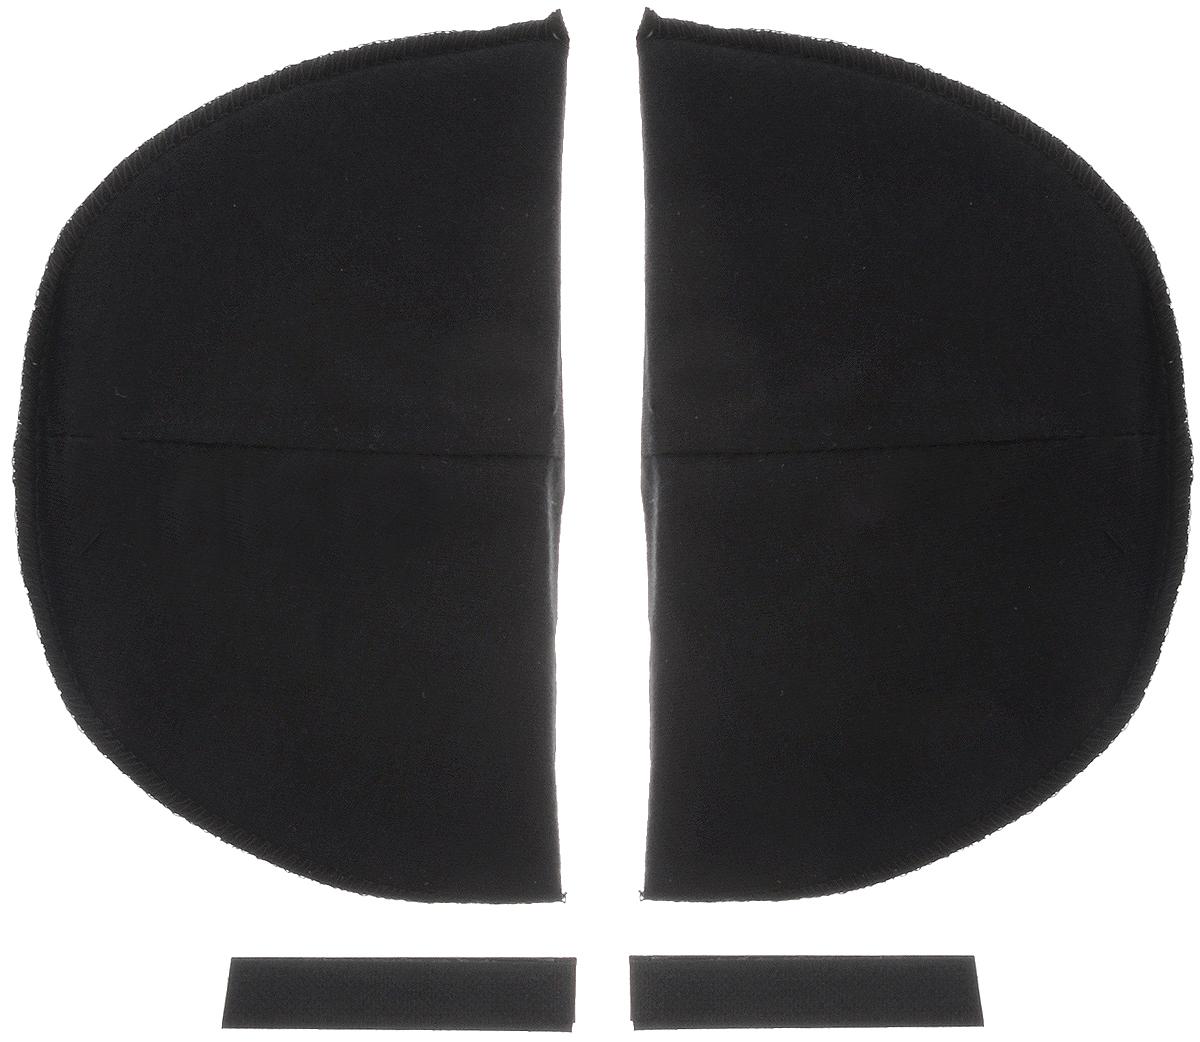 Накладки плечевые Hemline для втачных рукавов, на липучке, средние, цвет: черный, толщина 13 мм, 2 шт902.MBПлечевые накладки Hemline, выполненные из поролона и хлопка, используются при пошиве блузок и платьев из легких тканей со втачной формой рукава. Они не соскальзывают с плеч, благодаря застежке-липучке, которую можно зафиксировать с помощью утюга или пришить. Края накладок обметаны. Размер: 15 х 10 см.